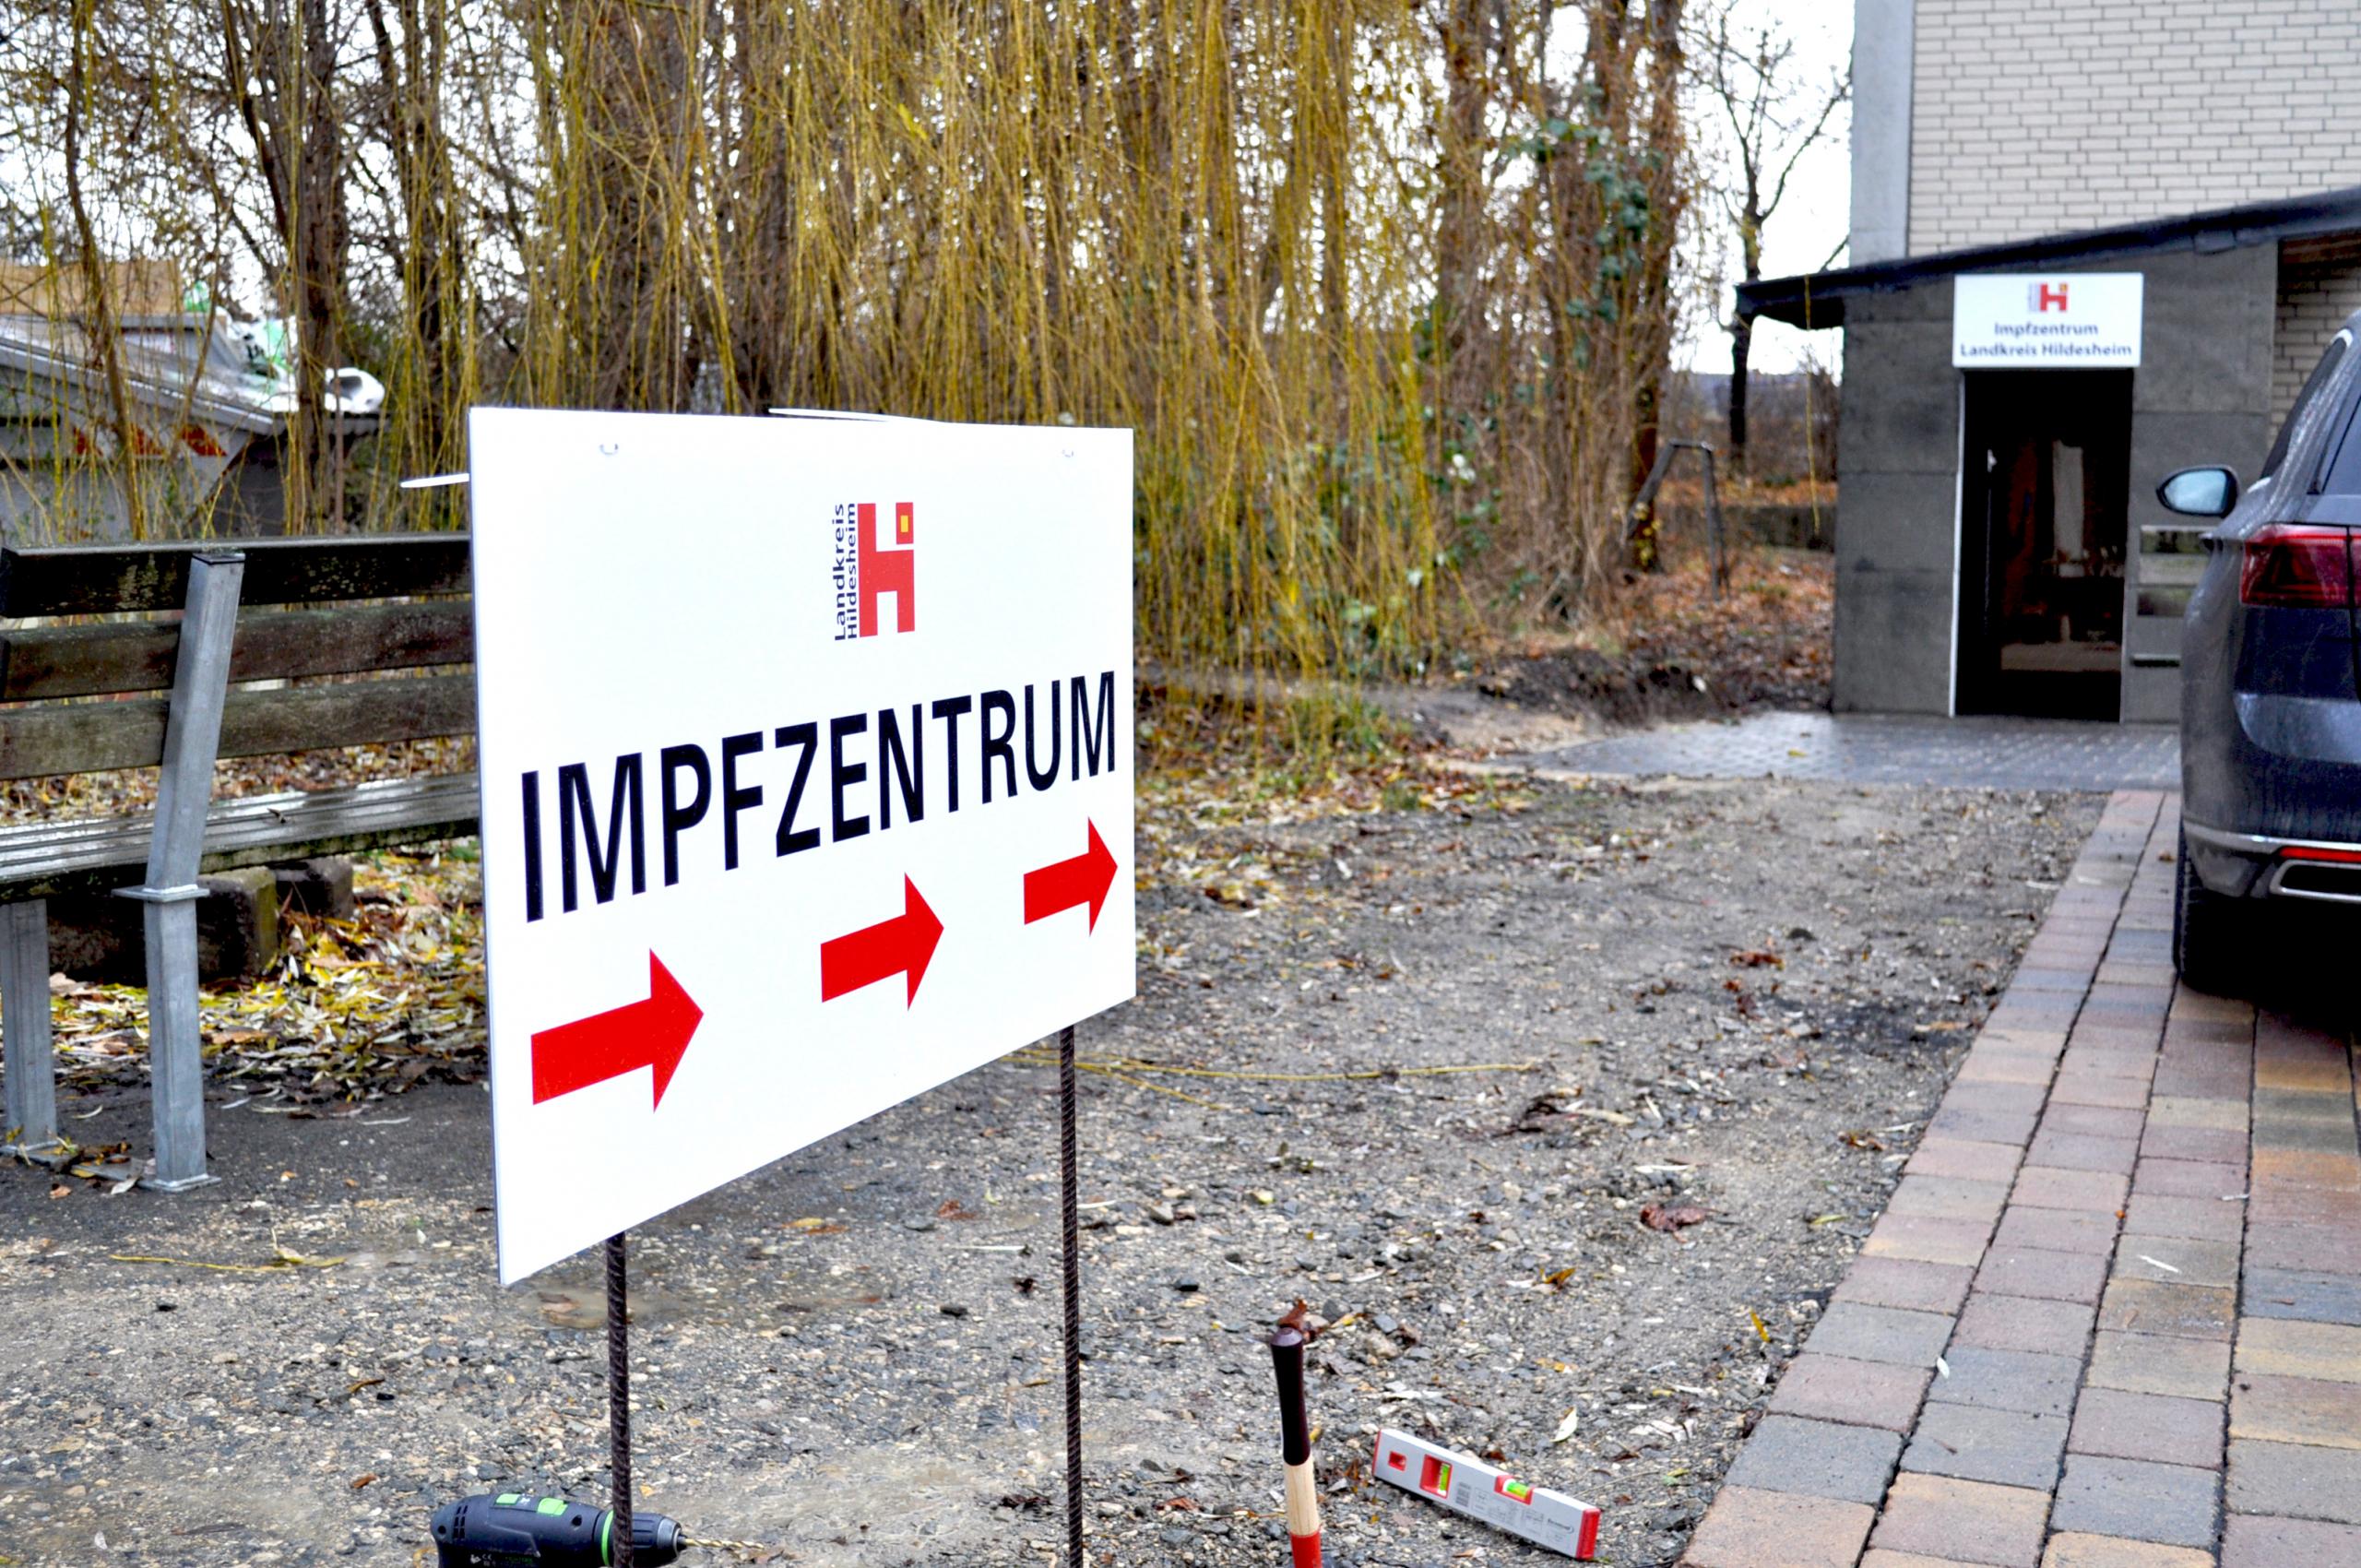 Corona Schutz: Trennwände, Spuckschutz, Möbel und Beschriftungen im Impfzentrum Hildesheim